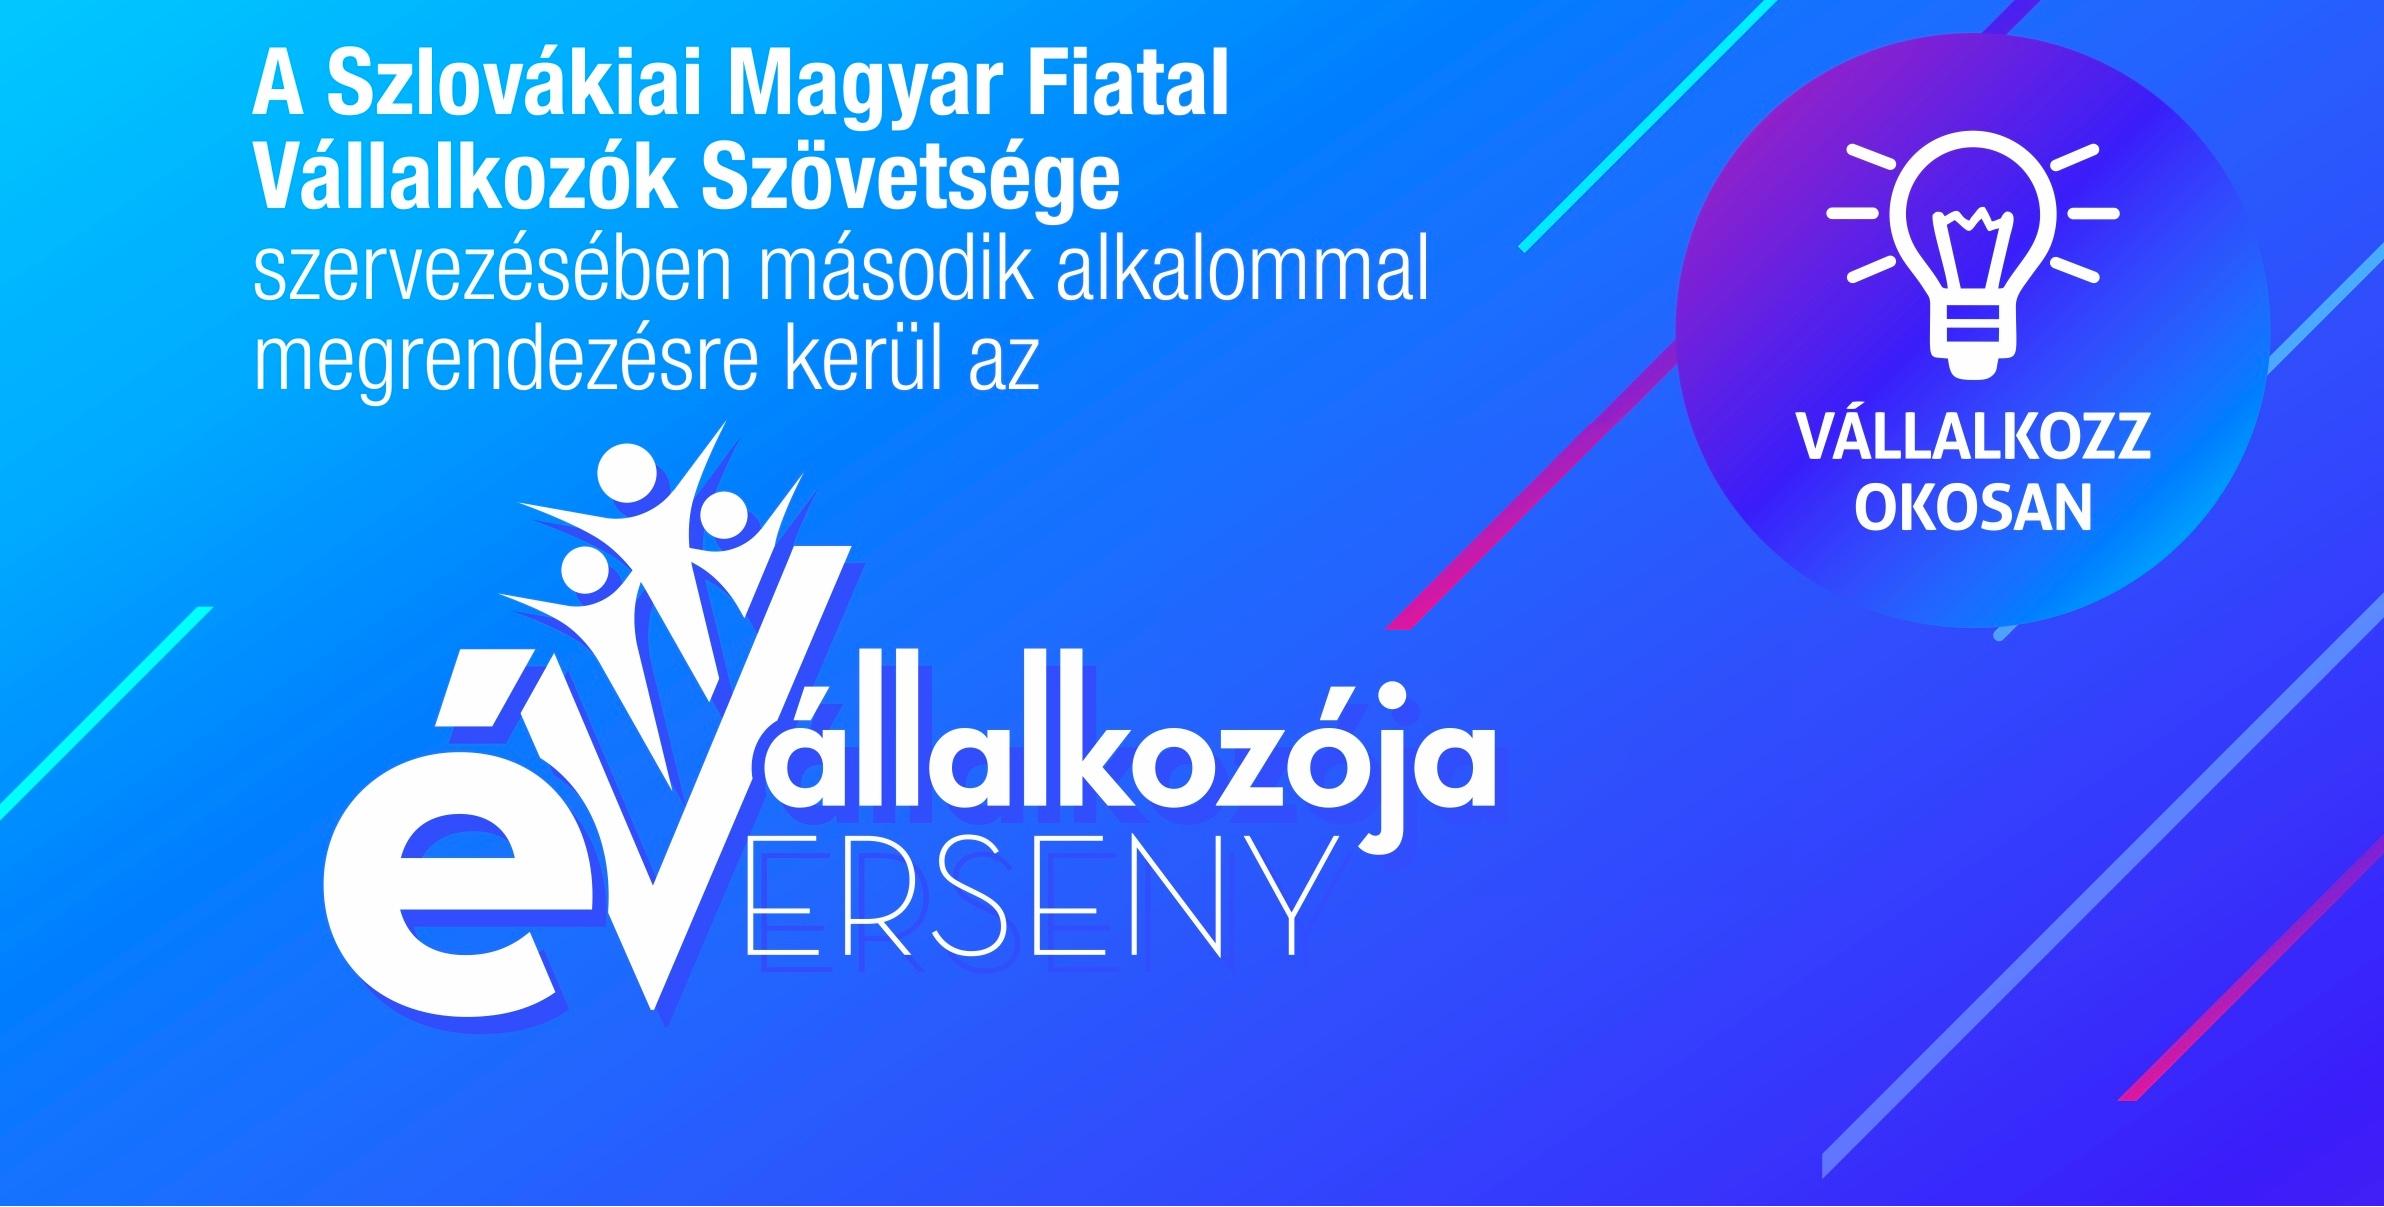 verseny-bg